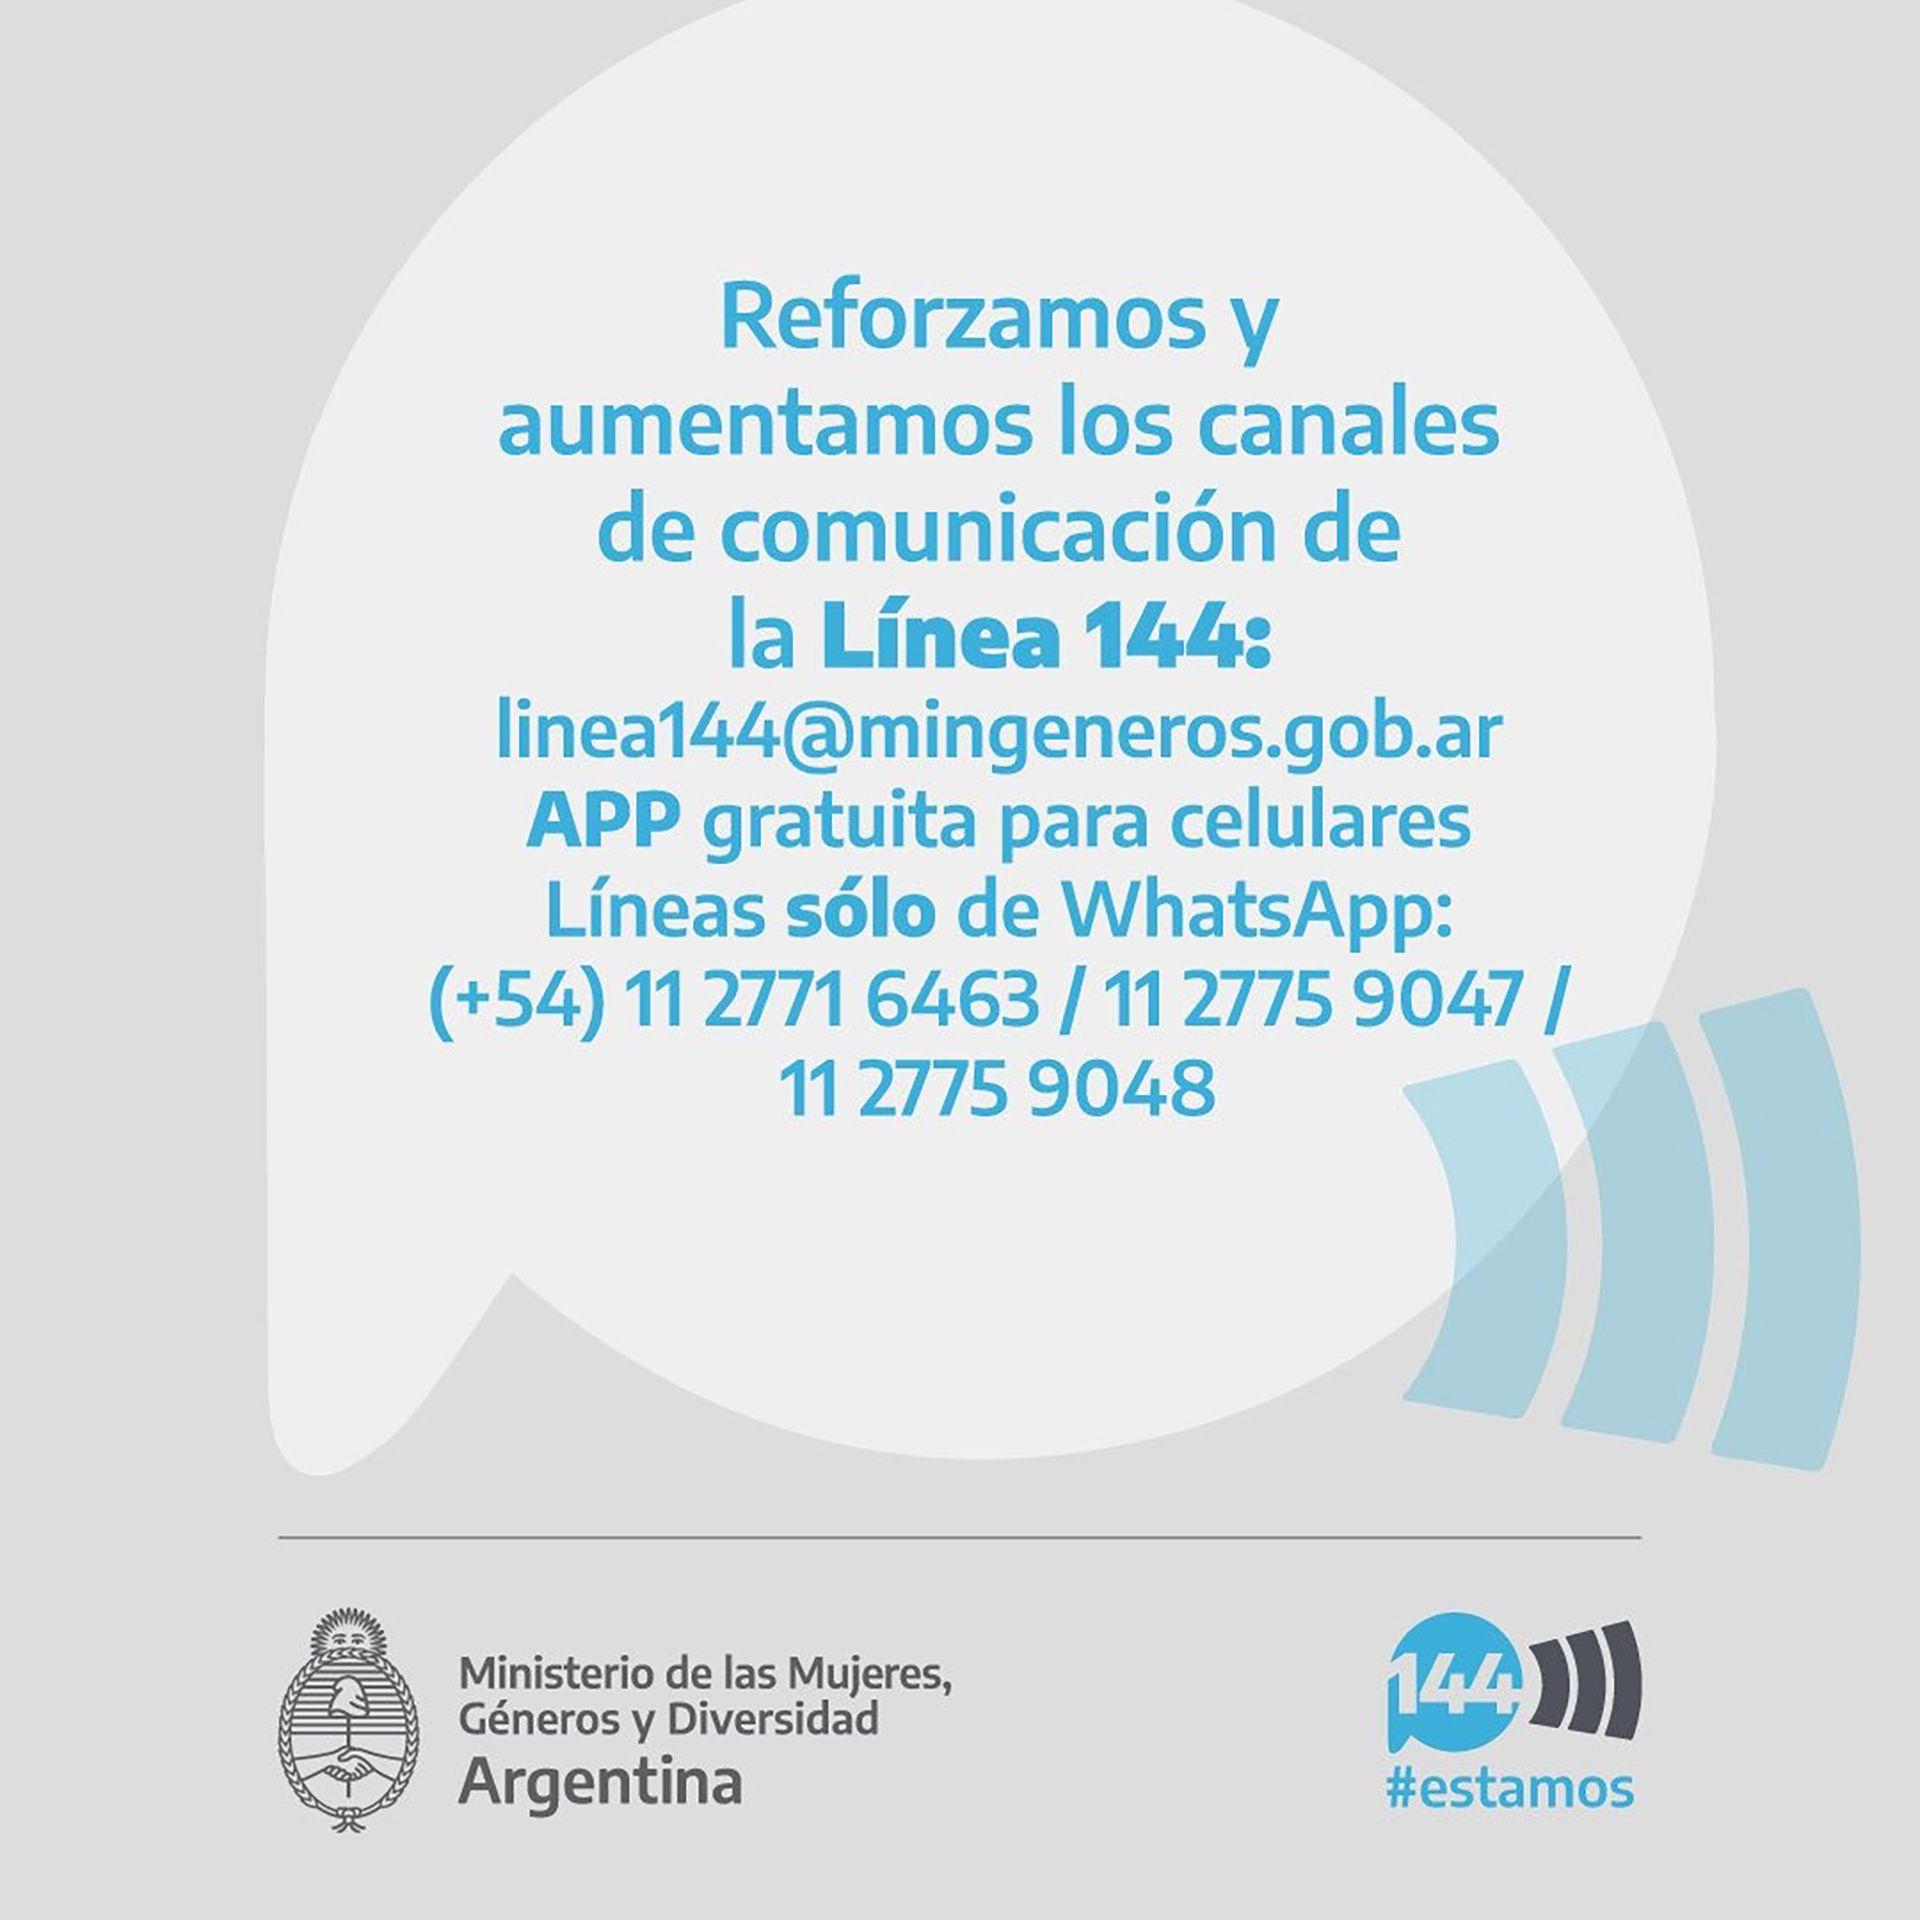 La línea 144 sumo canales de mail, redes sociales y watsap para una mejor atención frente a la emergencia.